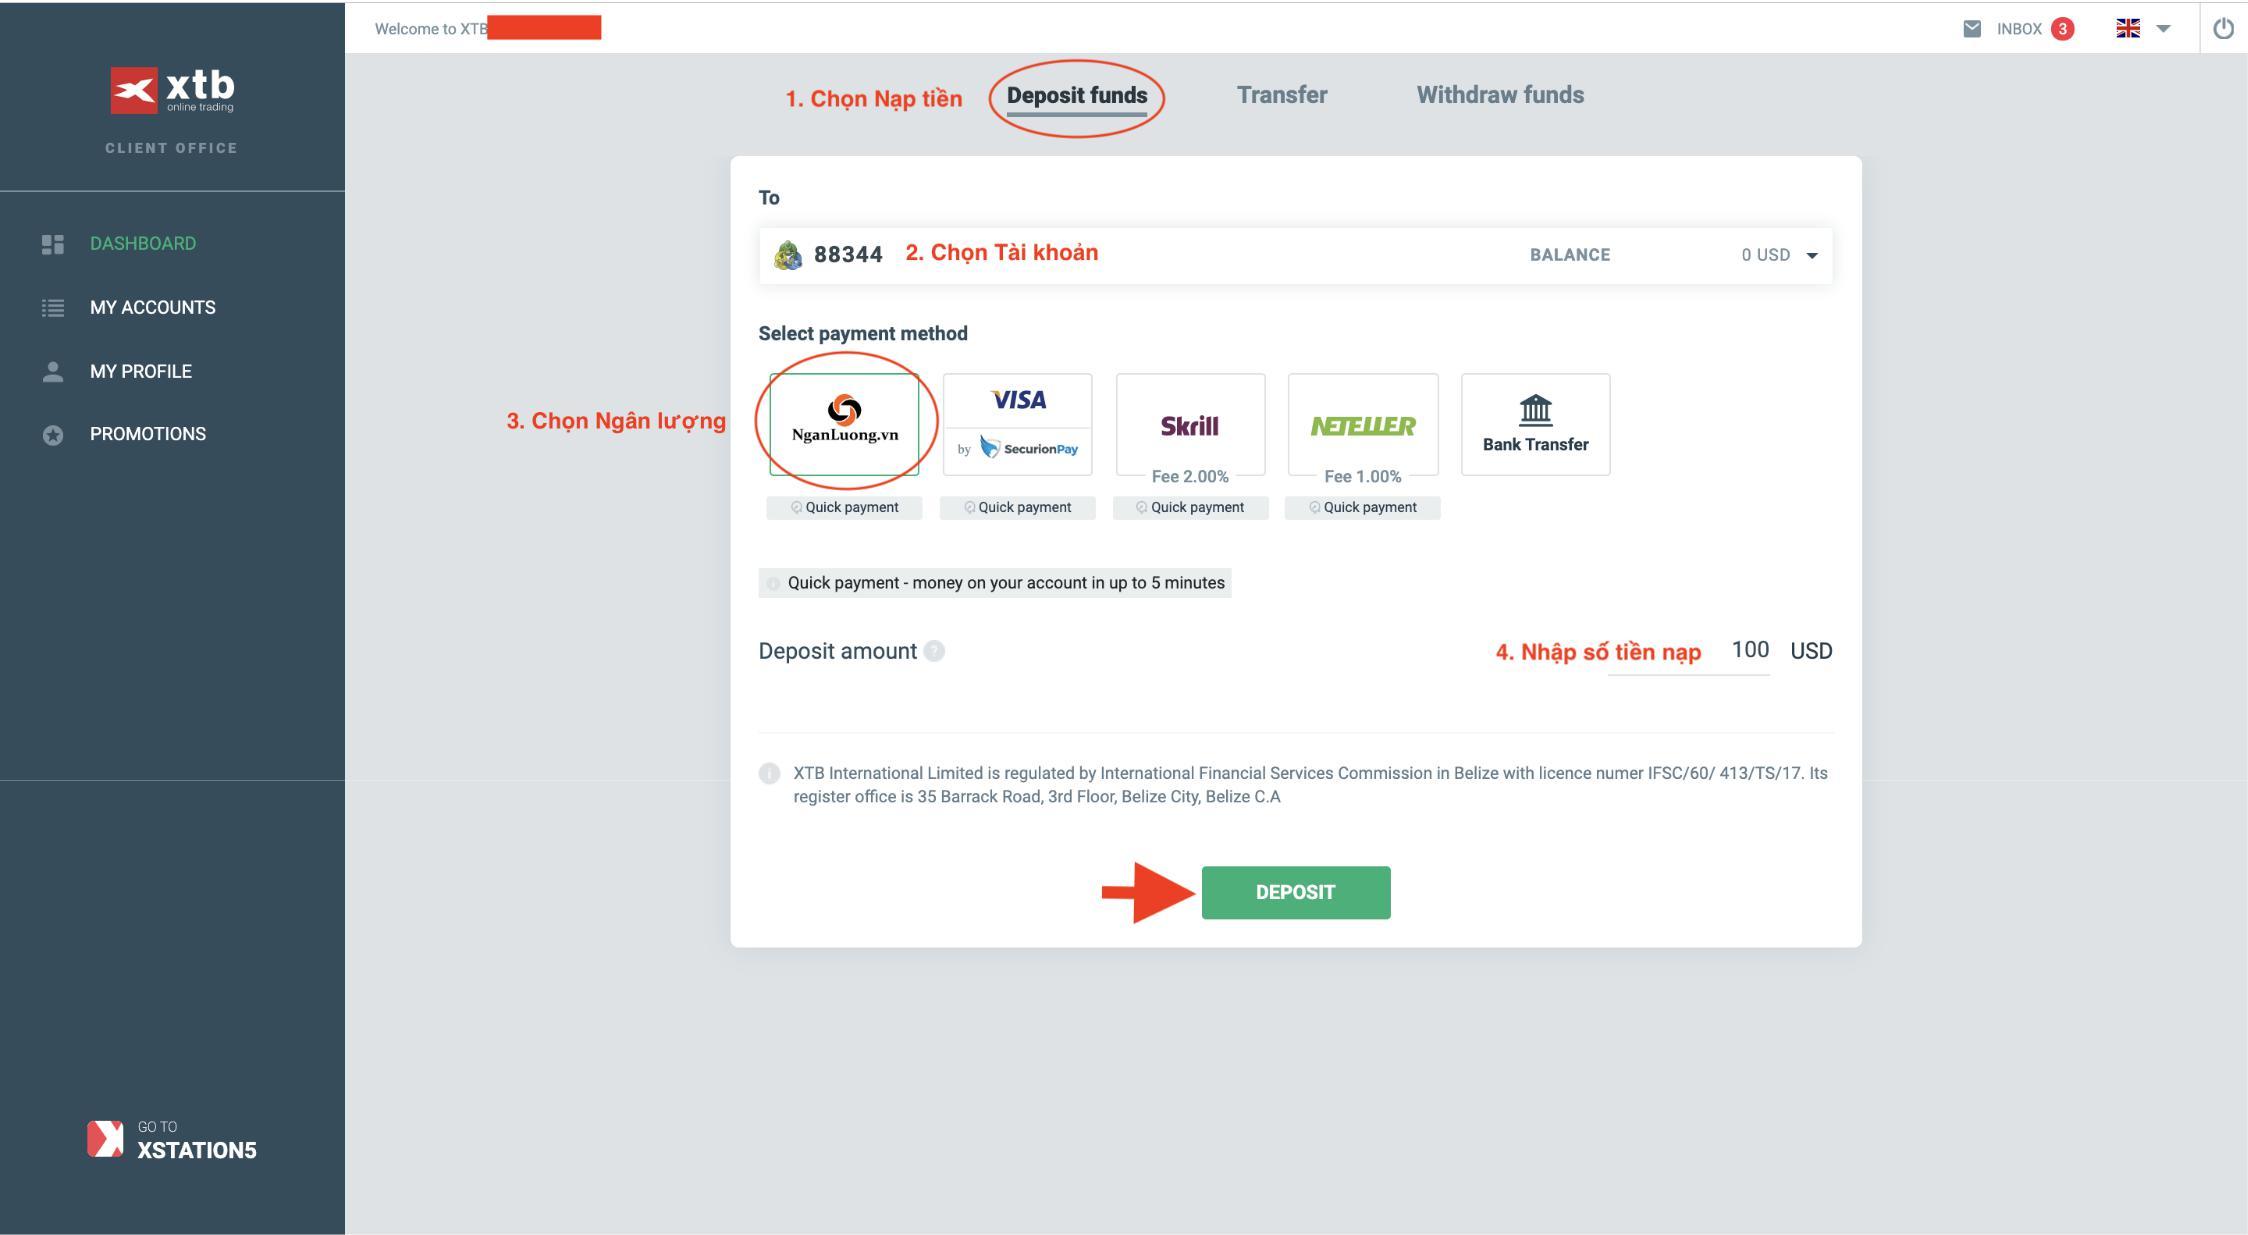 Hướng dẫn chi tiết nạp tiền vào XTB qua cổng NganLuong.vn